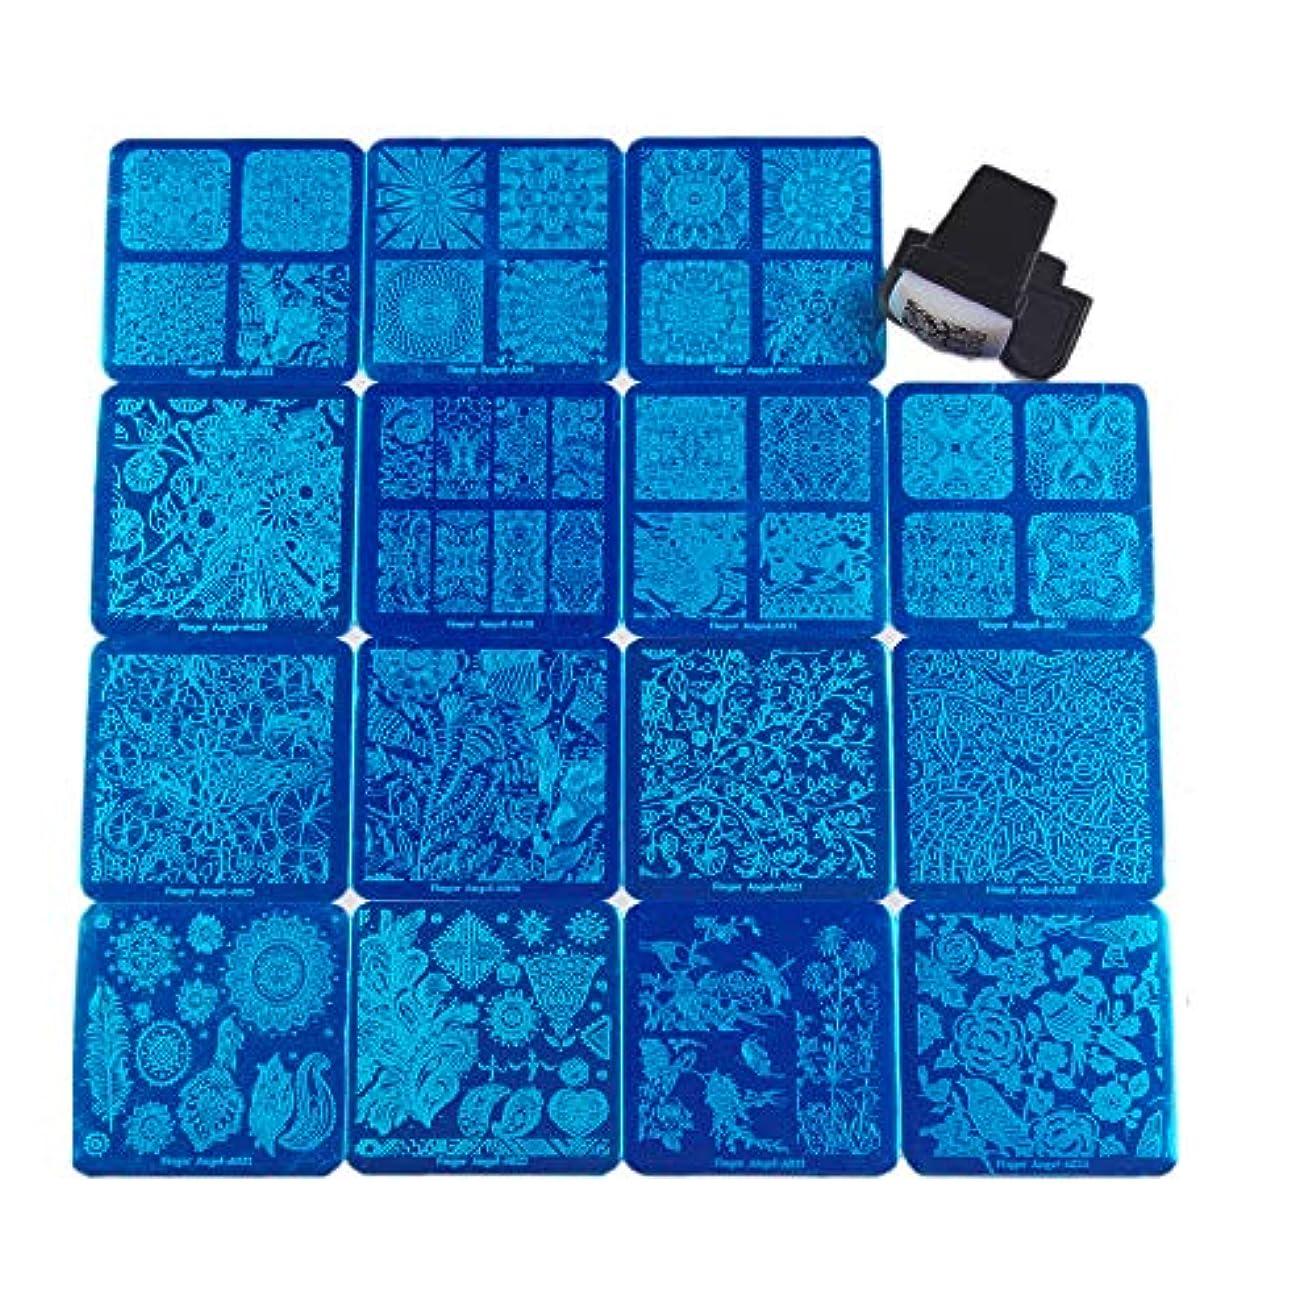 逸脱麻痺等価FingerAngel ネイルイメージプレートセット ネイルプレート正方形15枚 スタンプ スクレーパー カードバッグ付き ネイルサロンも自宅も使えるネイルプレート